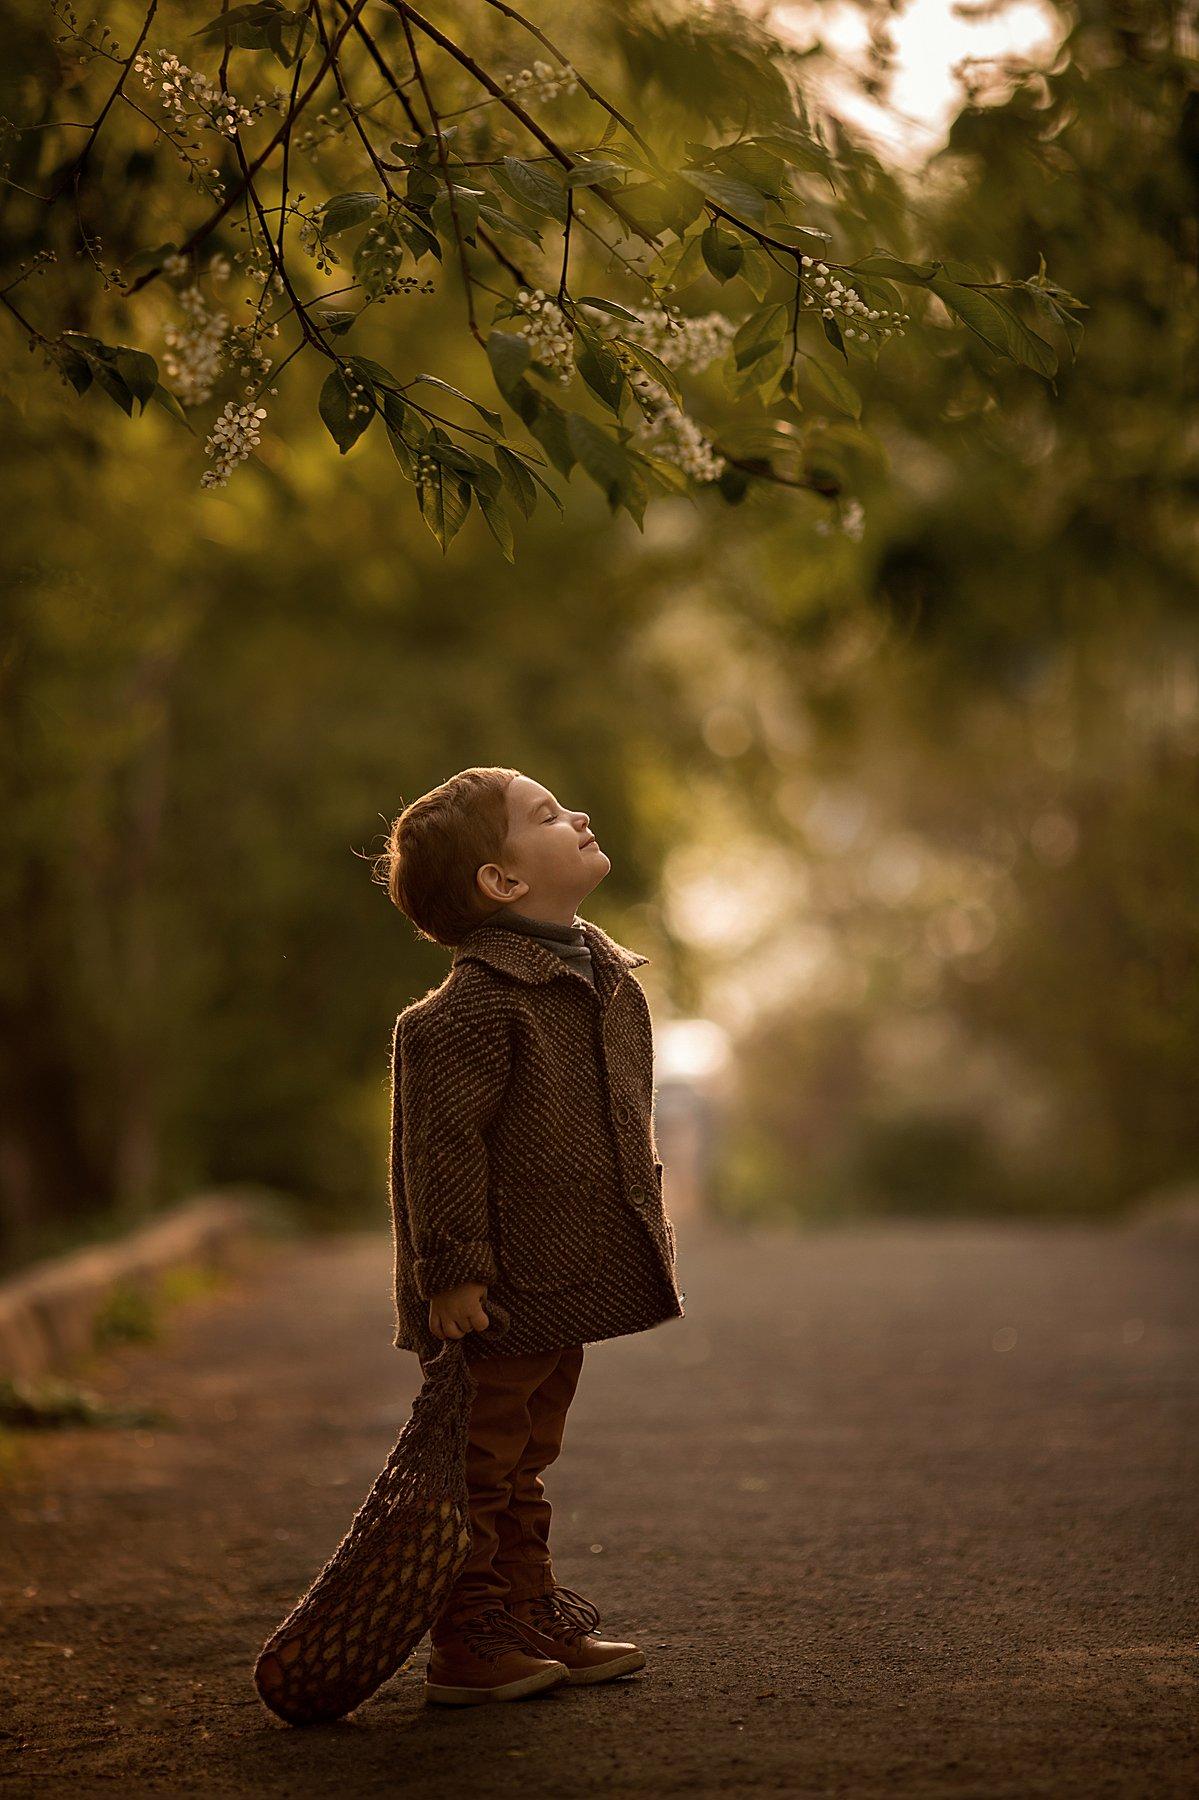 детская фотография, Yulia Savina